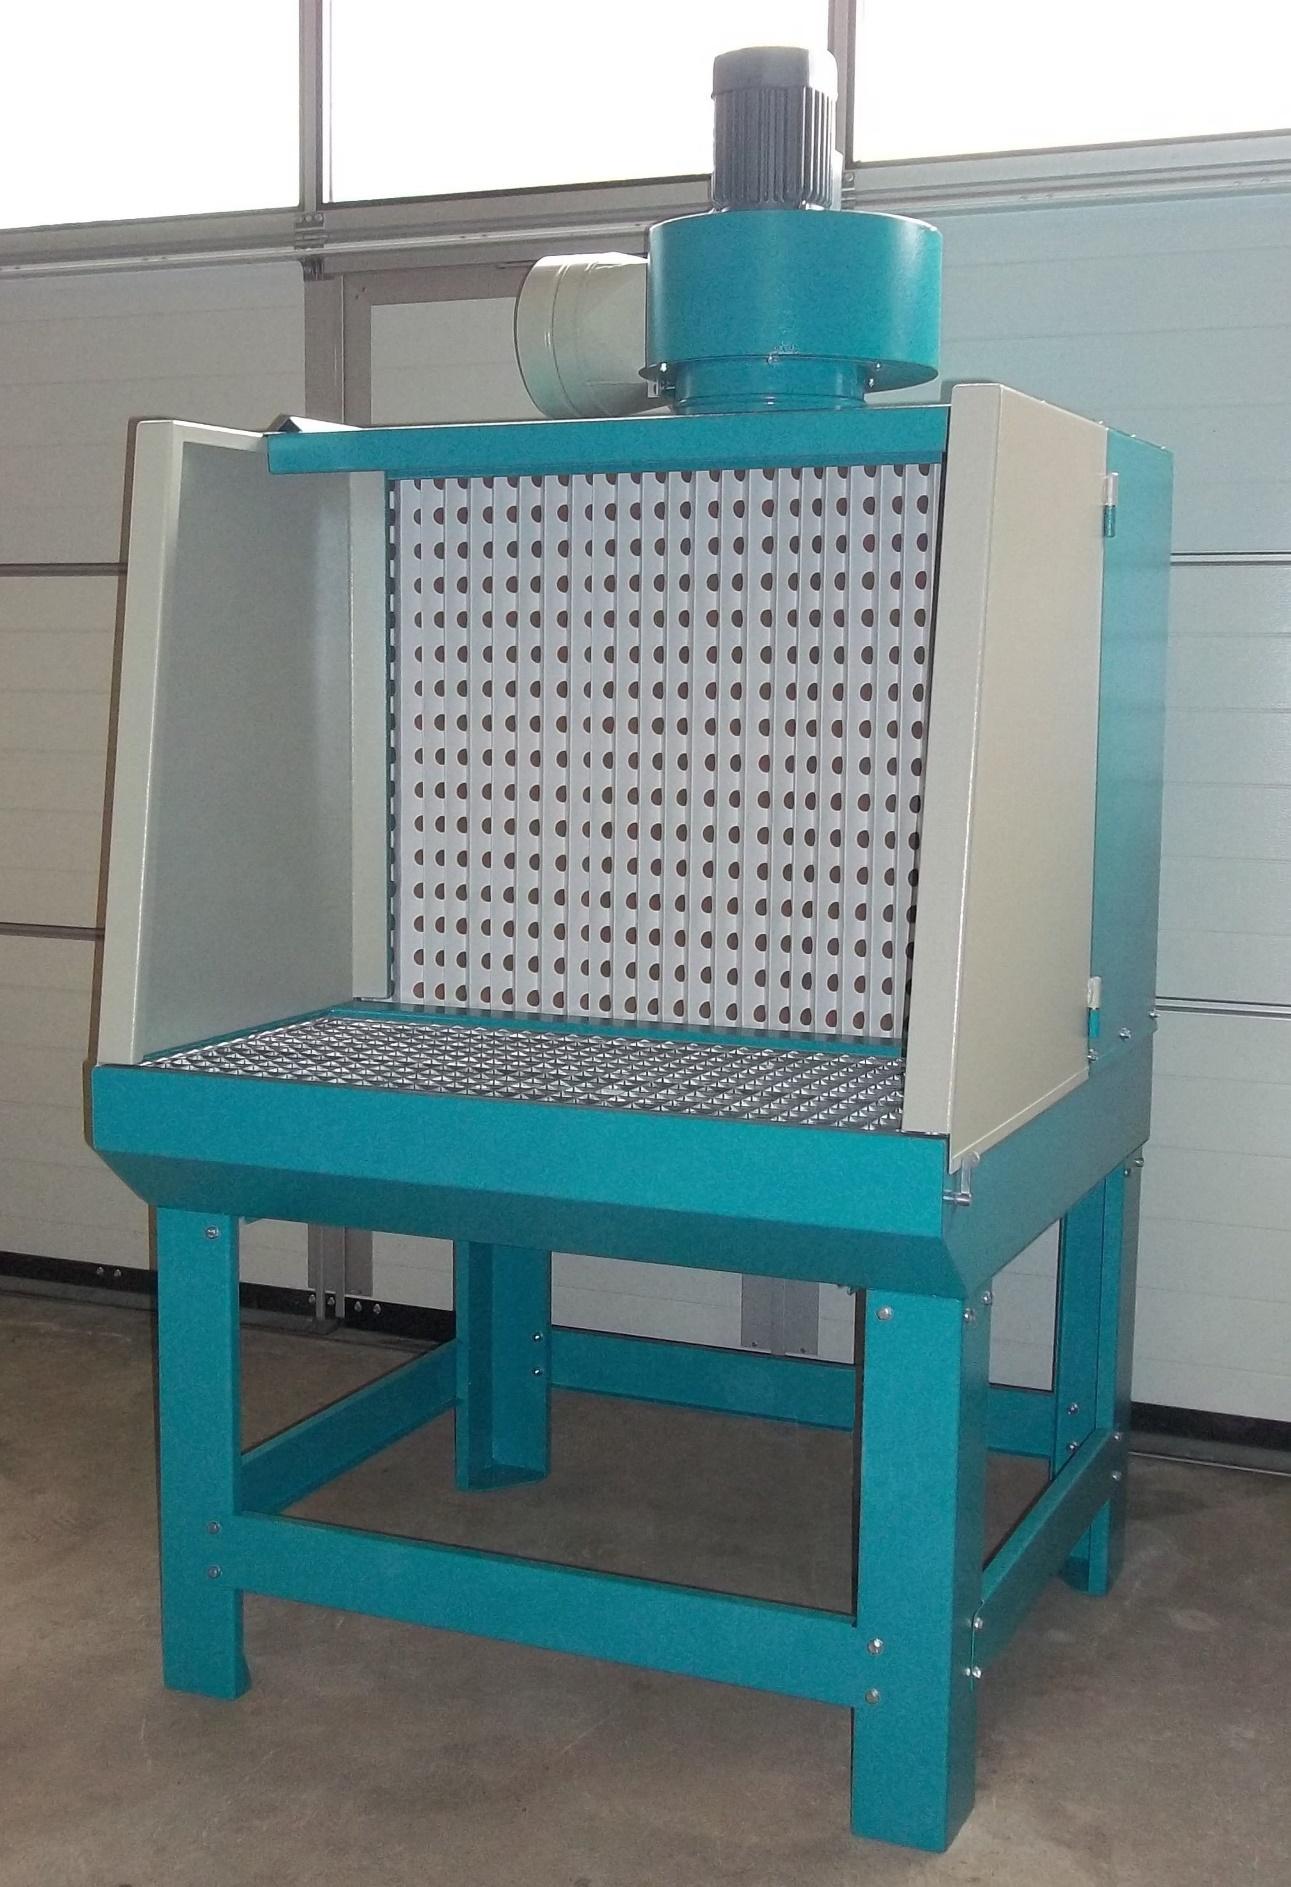 Lackierarbeitstisch mit aufgebautem Absaugventilator - Abluftfahrweise